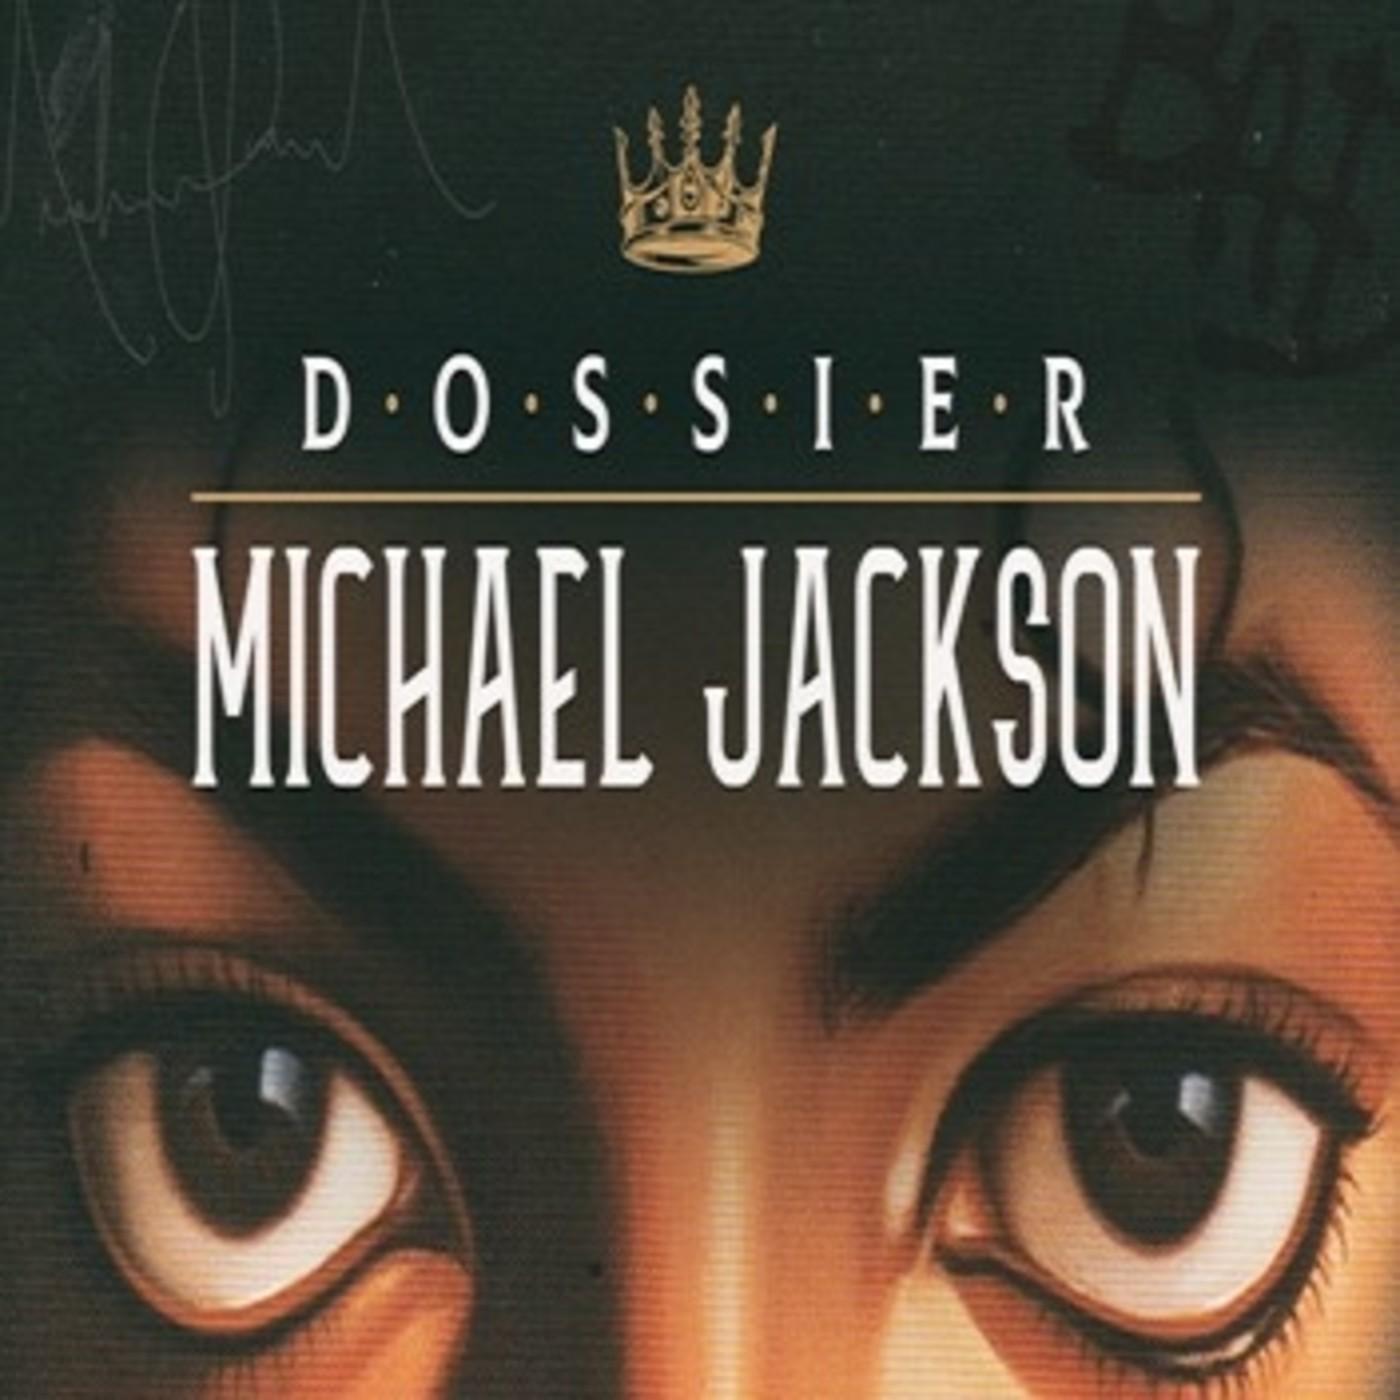 Cuarto milenio (04/11/2018) 14x10: Dossier Michael Jackson ...